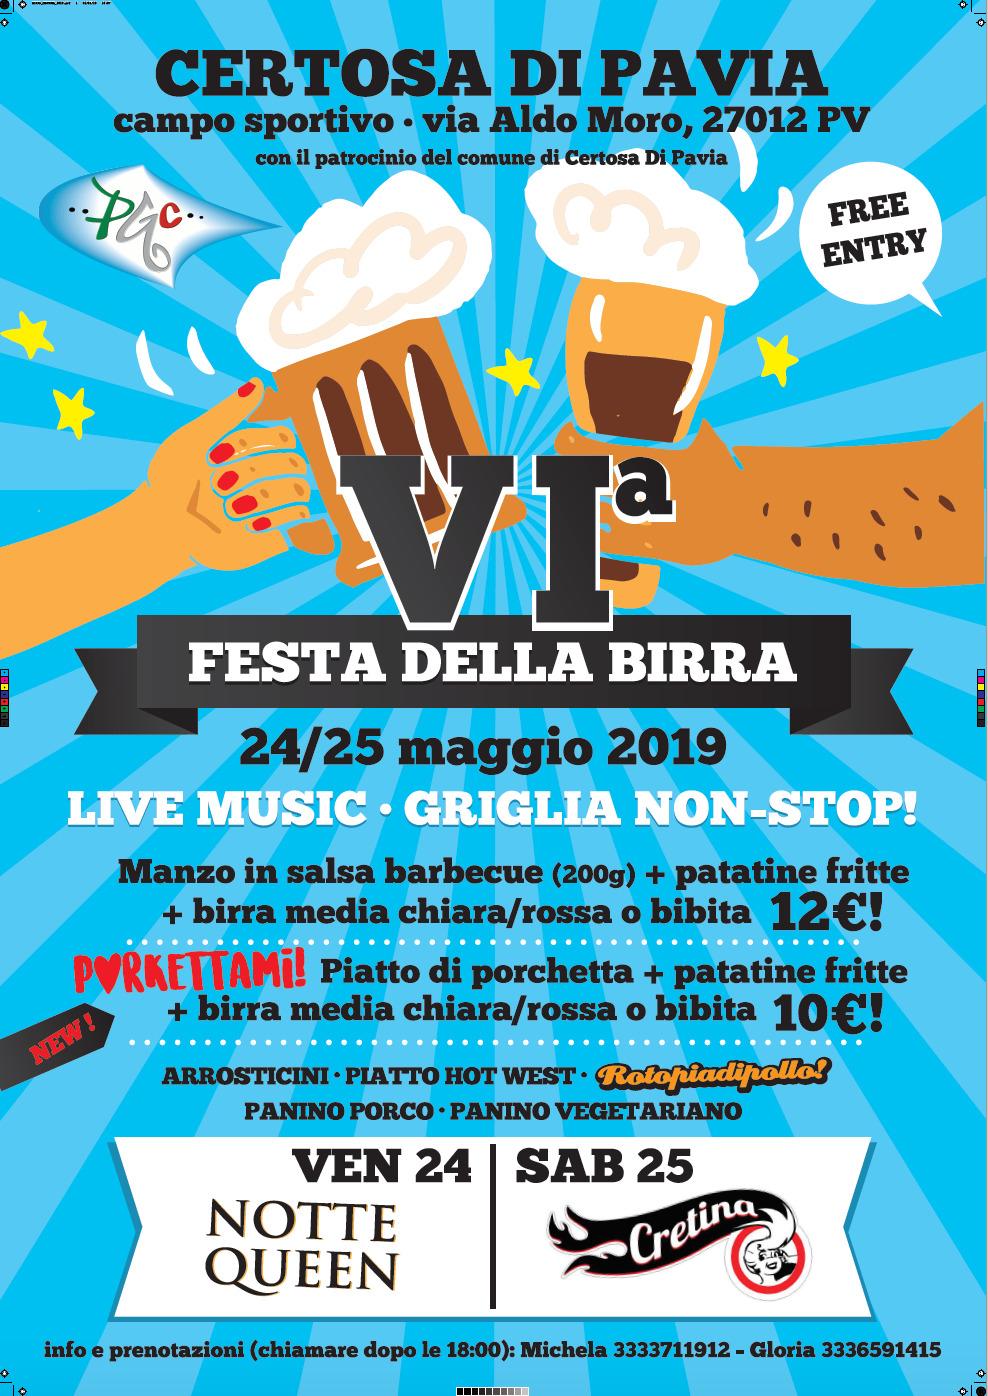 Festa della Birra 2019 - Certosa di Pavia